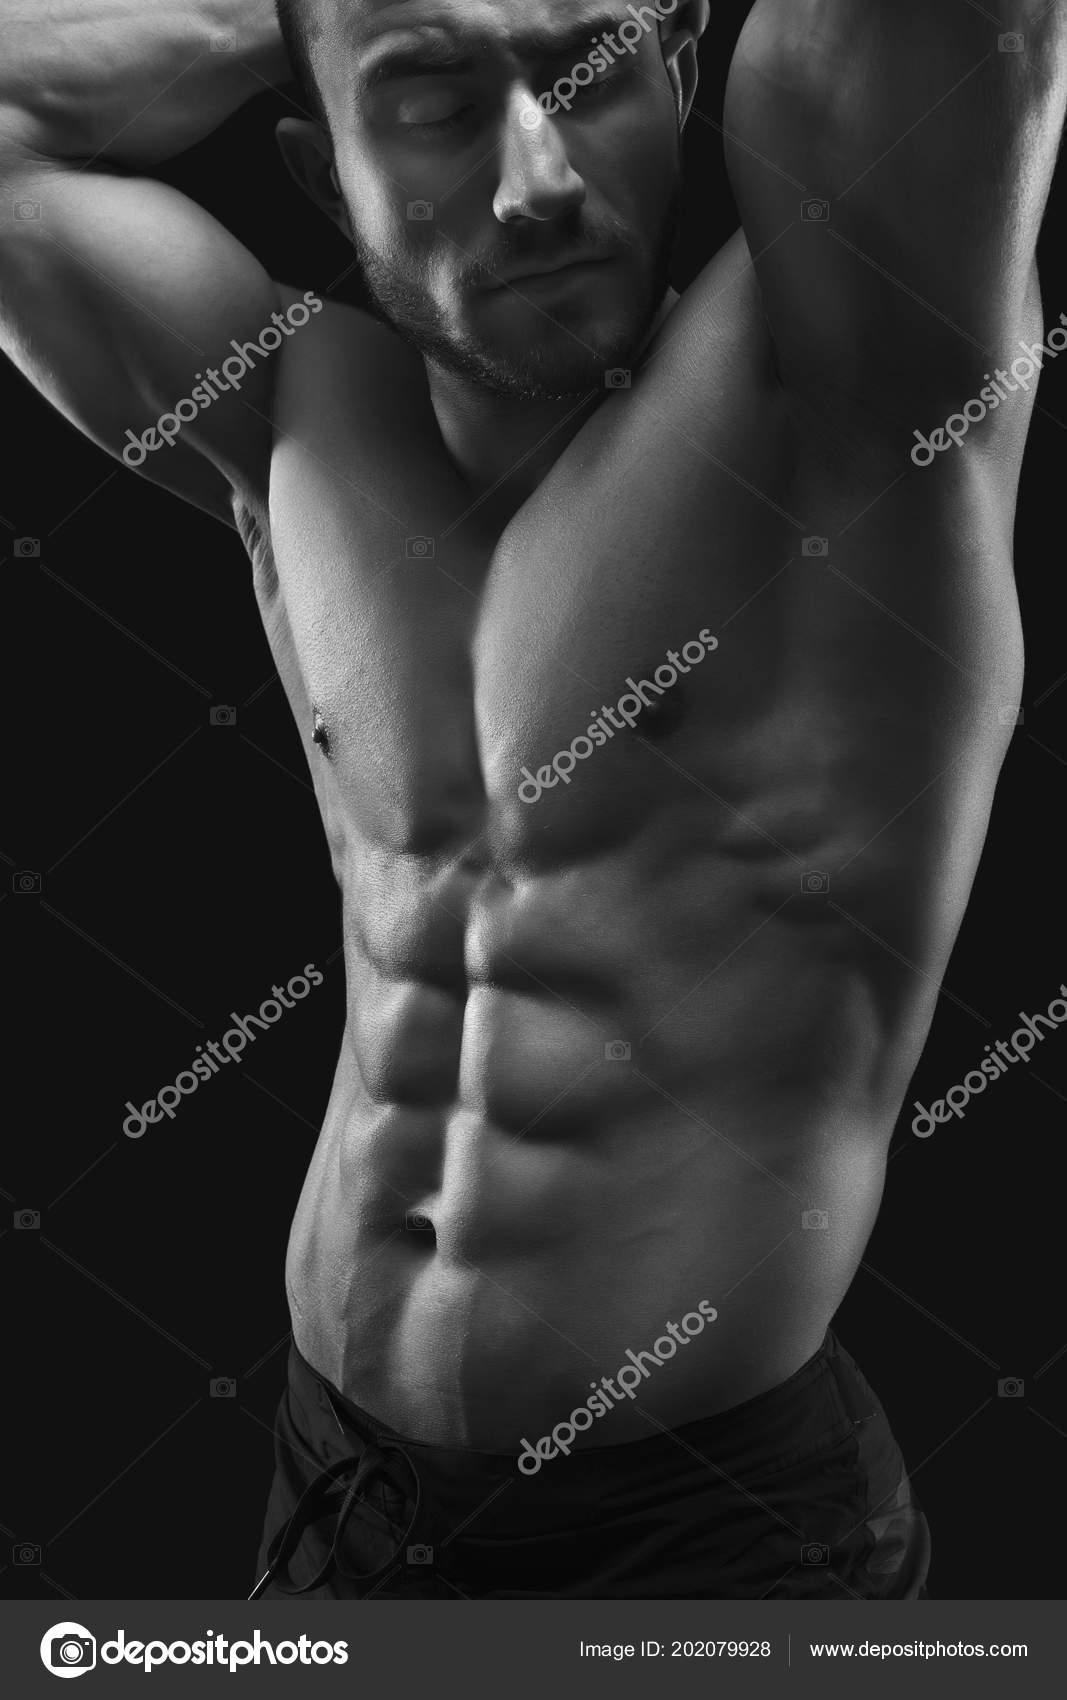 Γυμνό άνδρες μοντέλο